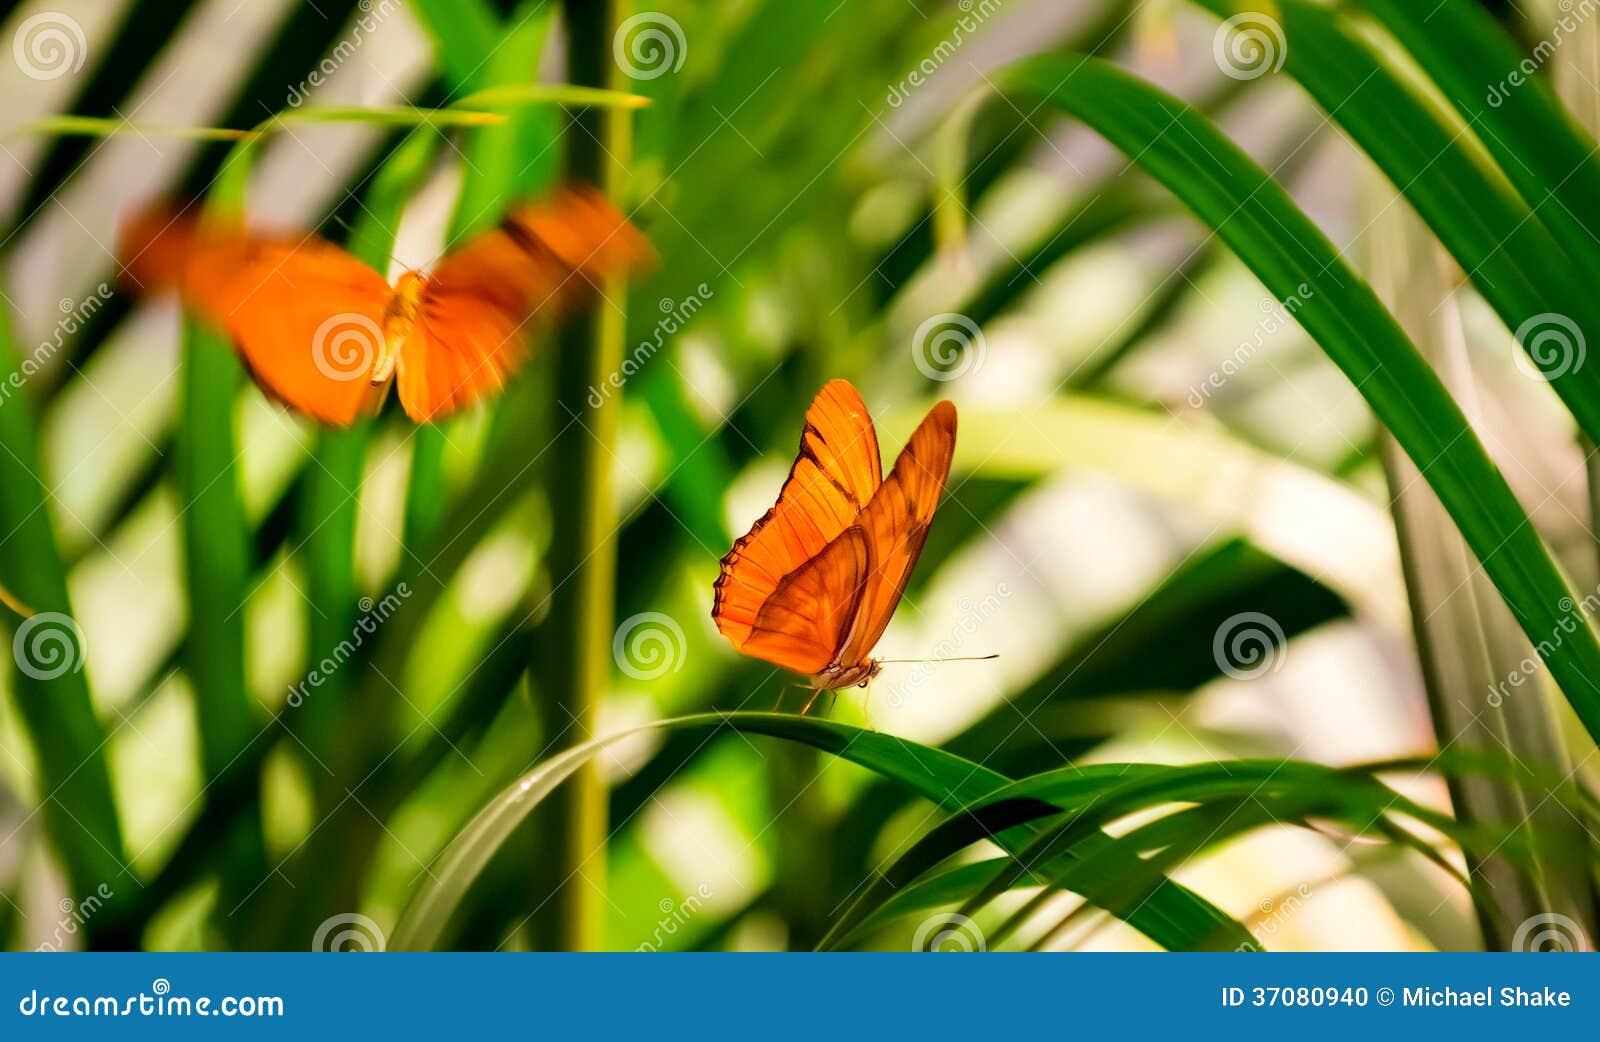 Download Julia motyle zdjęcie stock. Obraz złożonej z ogród, przyroda - 37080940